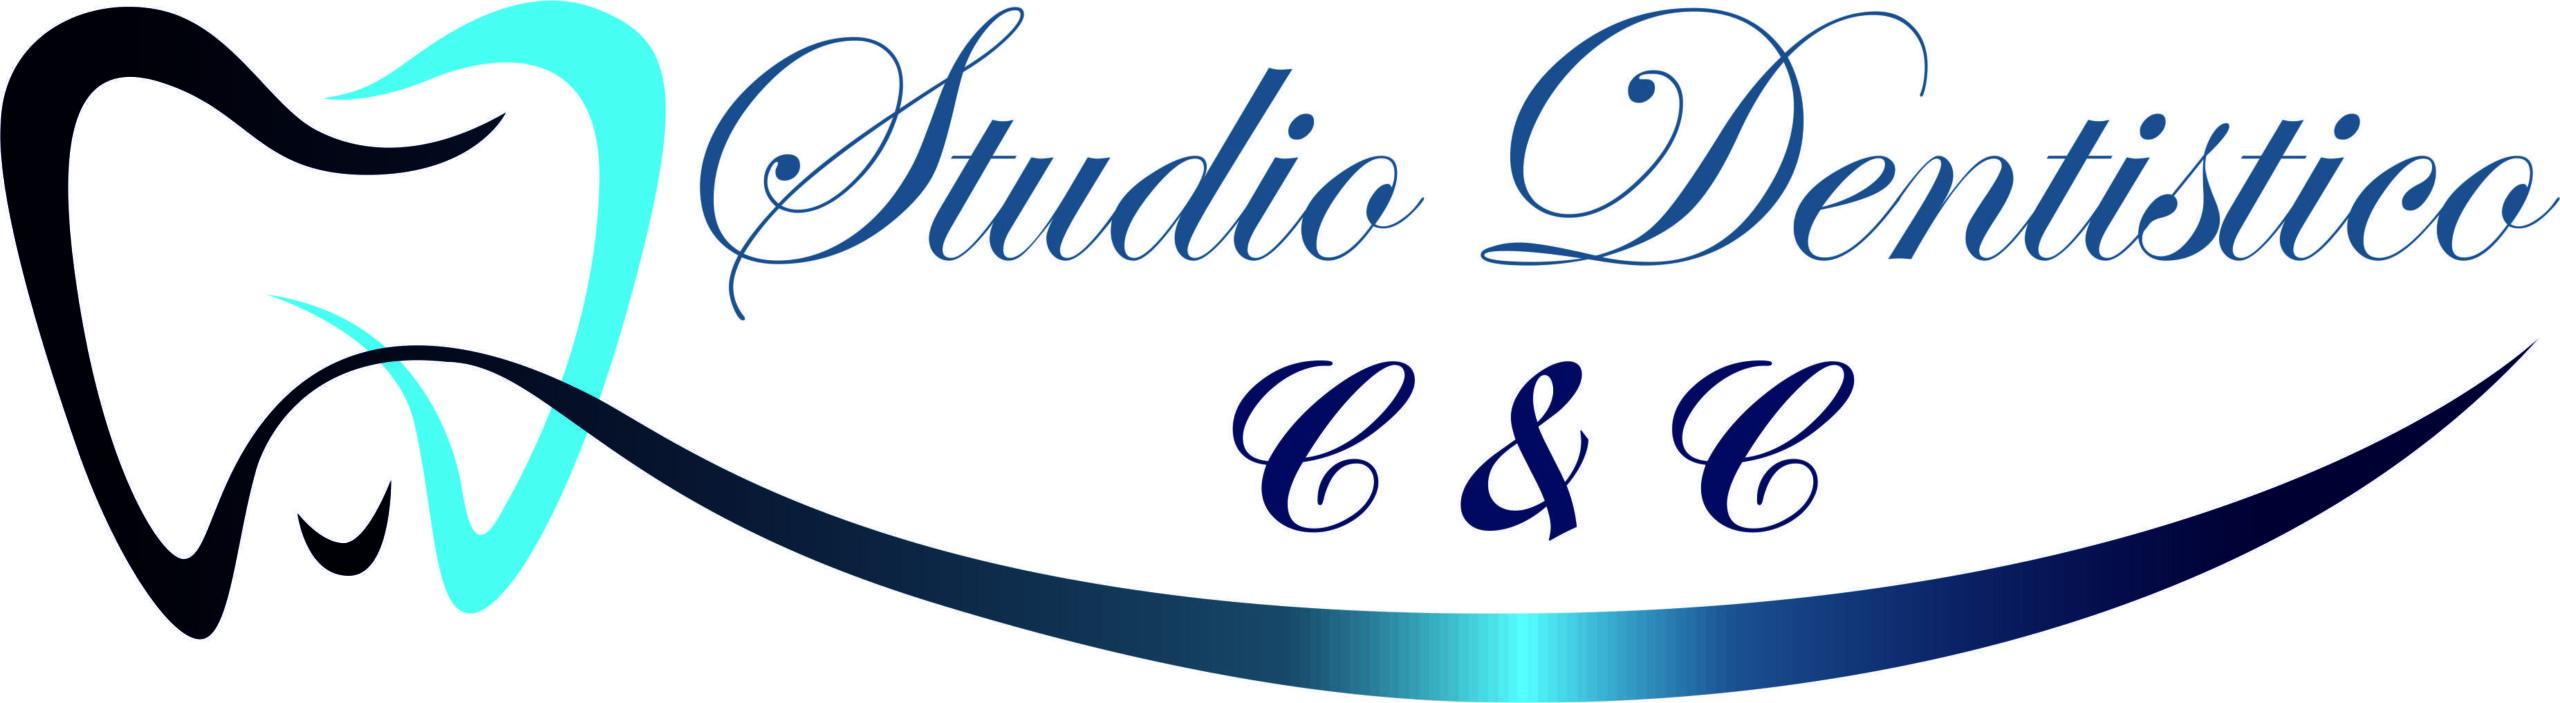 Studio Dentistico Colacioppo Logo